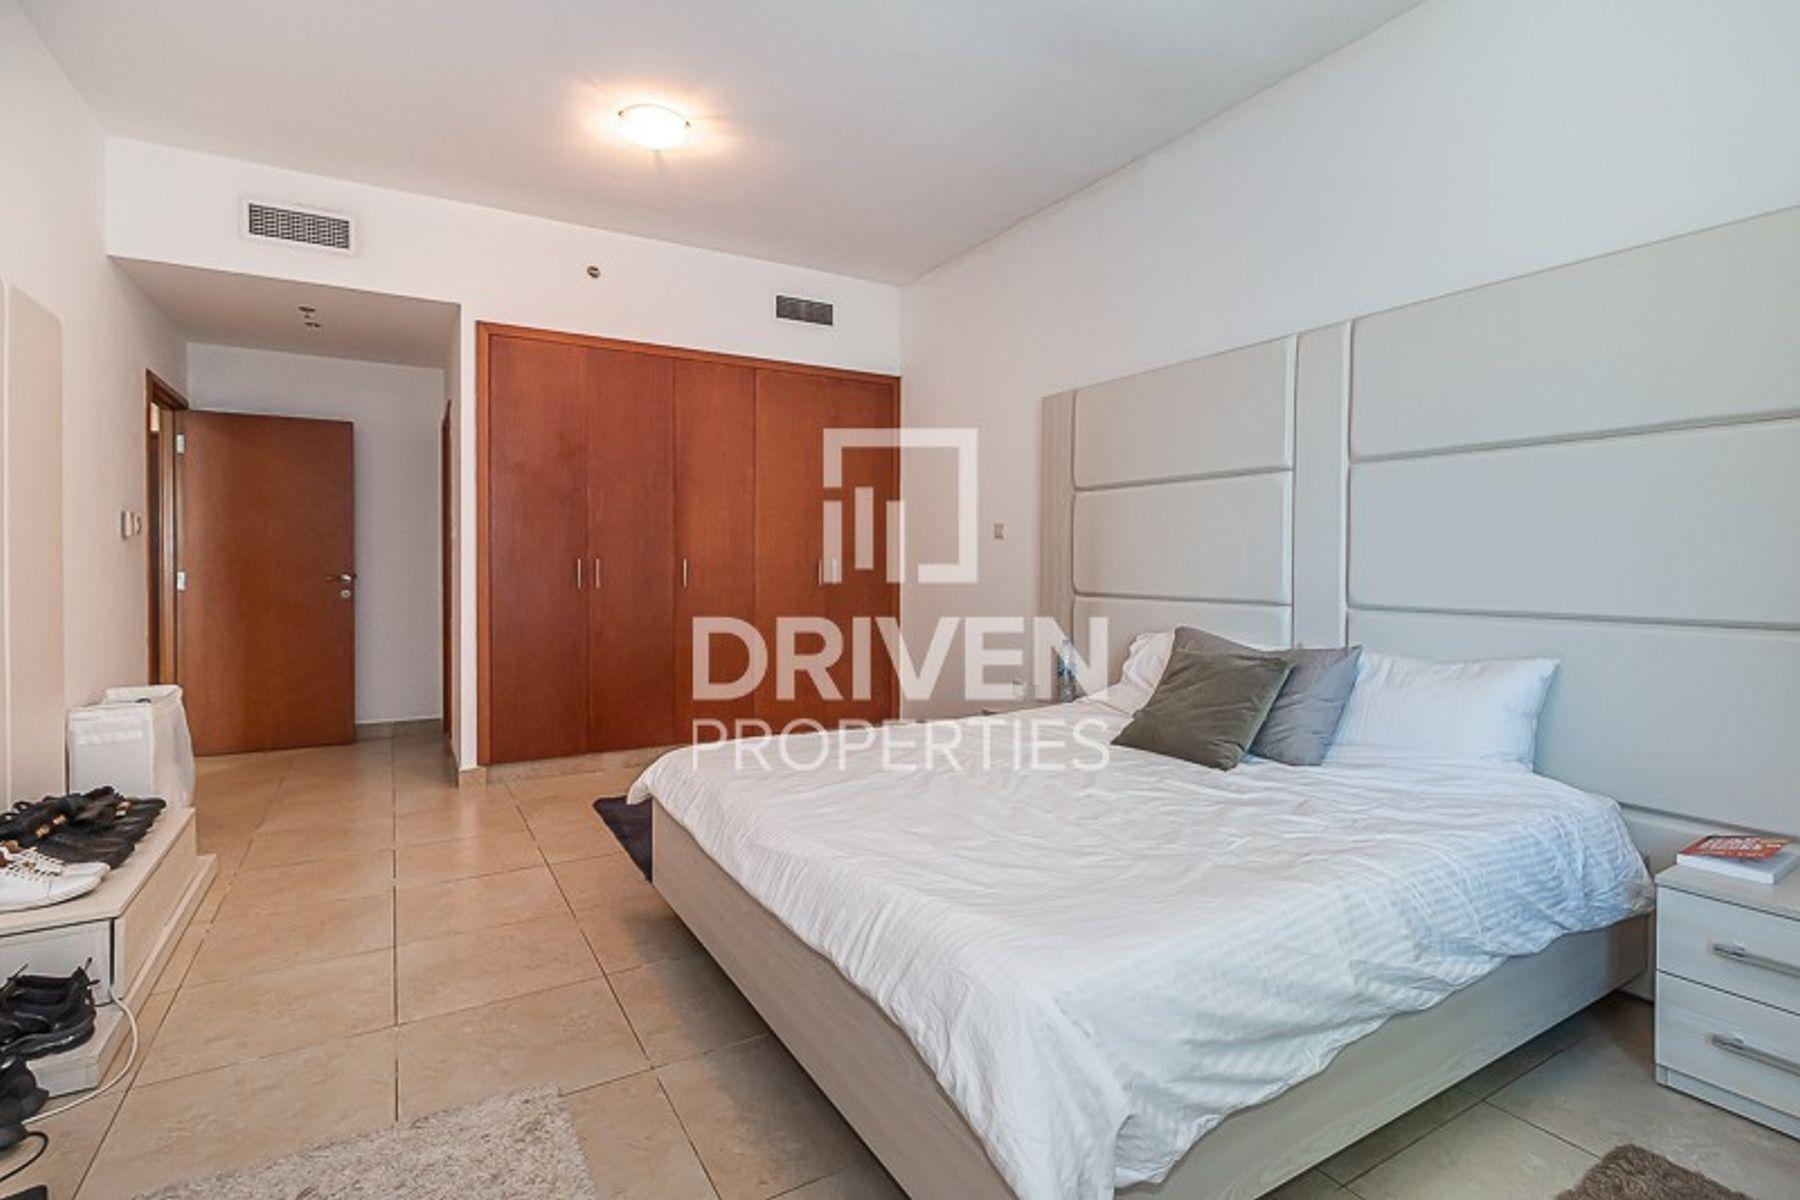 Apartment for Rent in MAG 218 - Dubai Marina